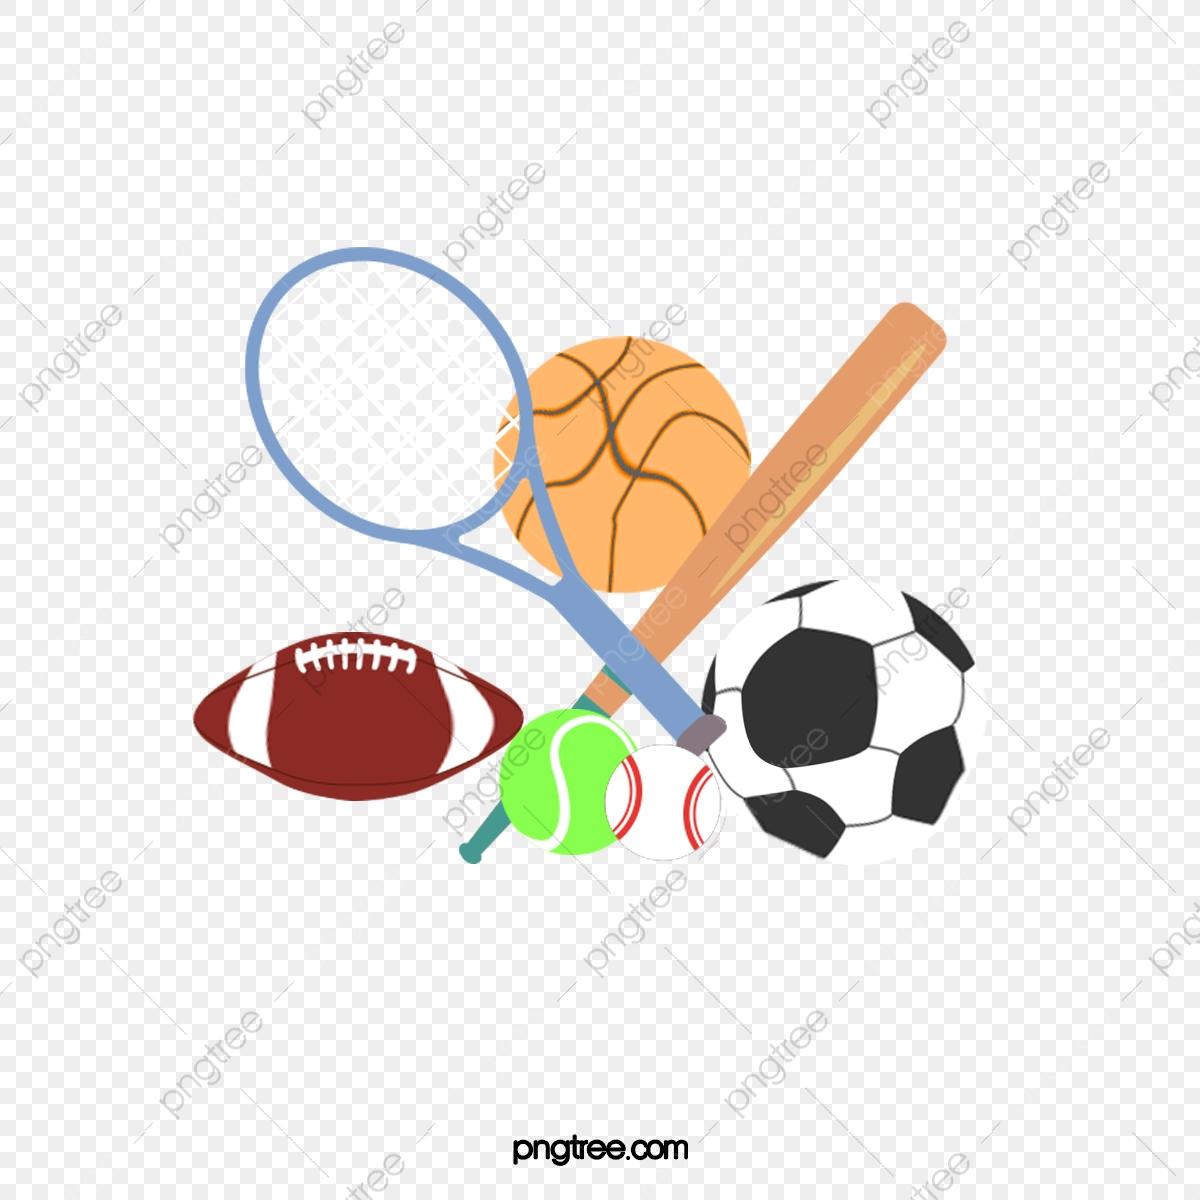 Dibujos Animados De Deportes De Equipo, Cartoon Motion, Equipo.